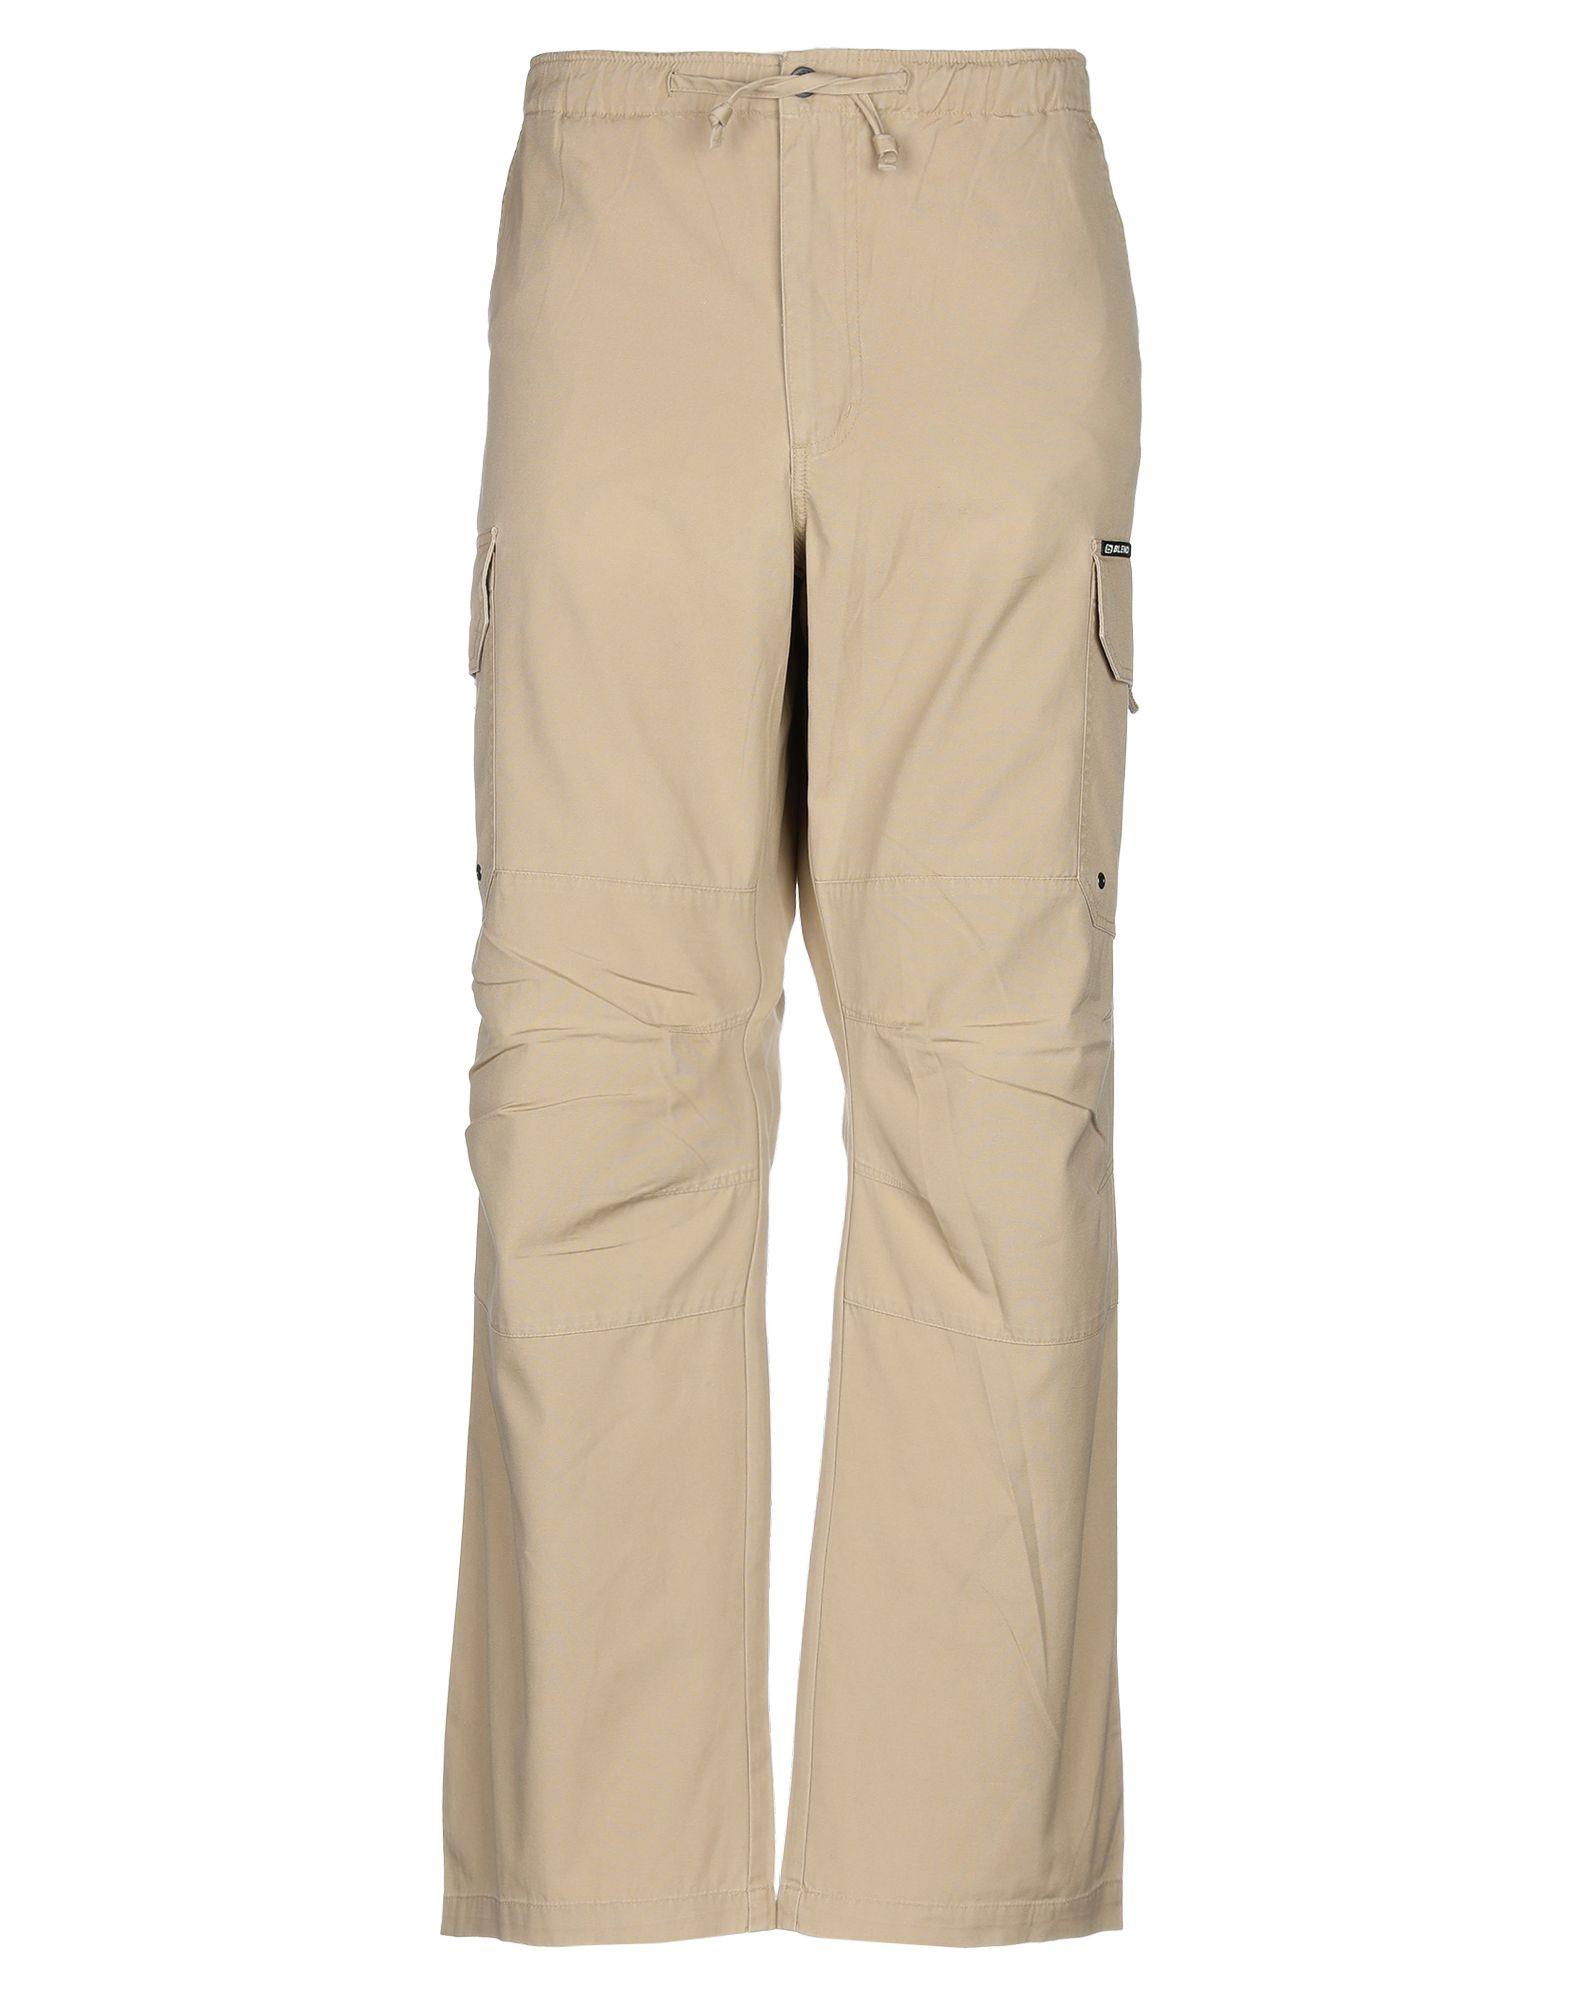 《セール開催中》BLEND OF AMERICA メンズ パンツ ベージュ 33 コットン 100%